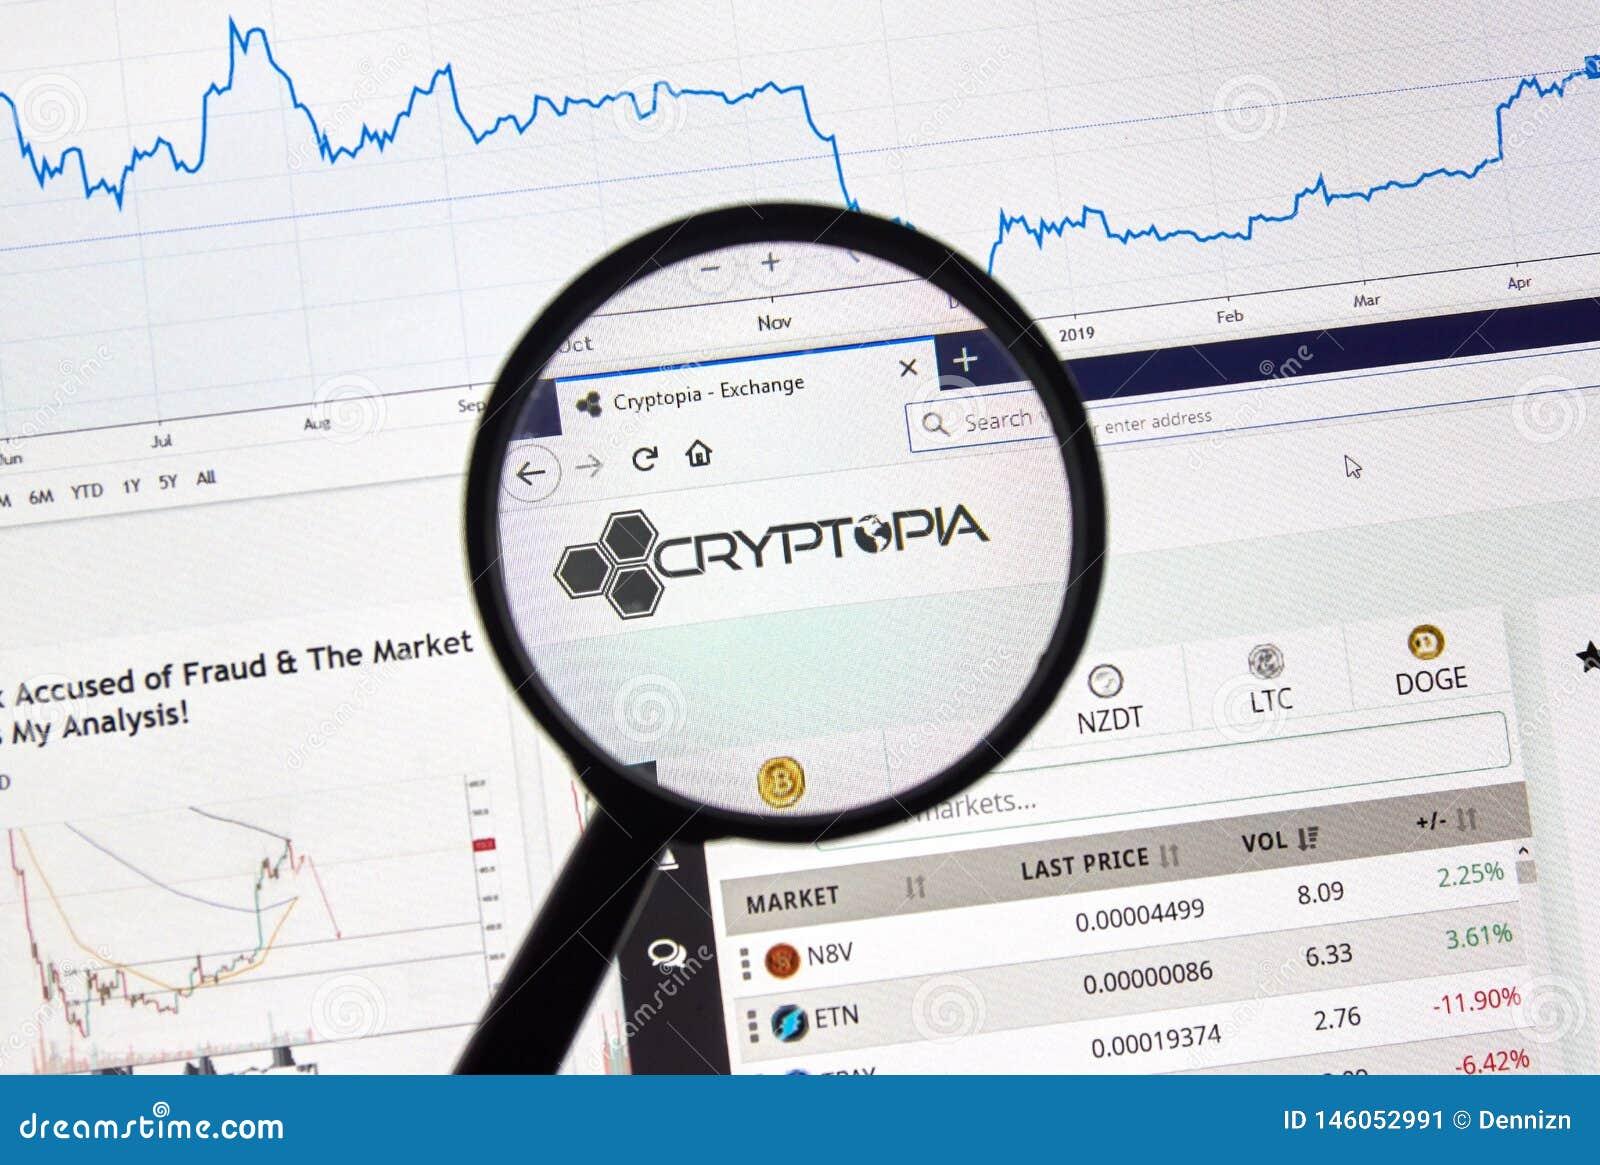 cryptopia cryptocurrency exchange